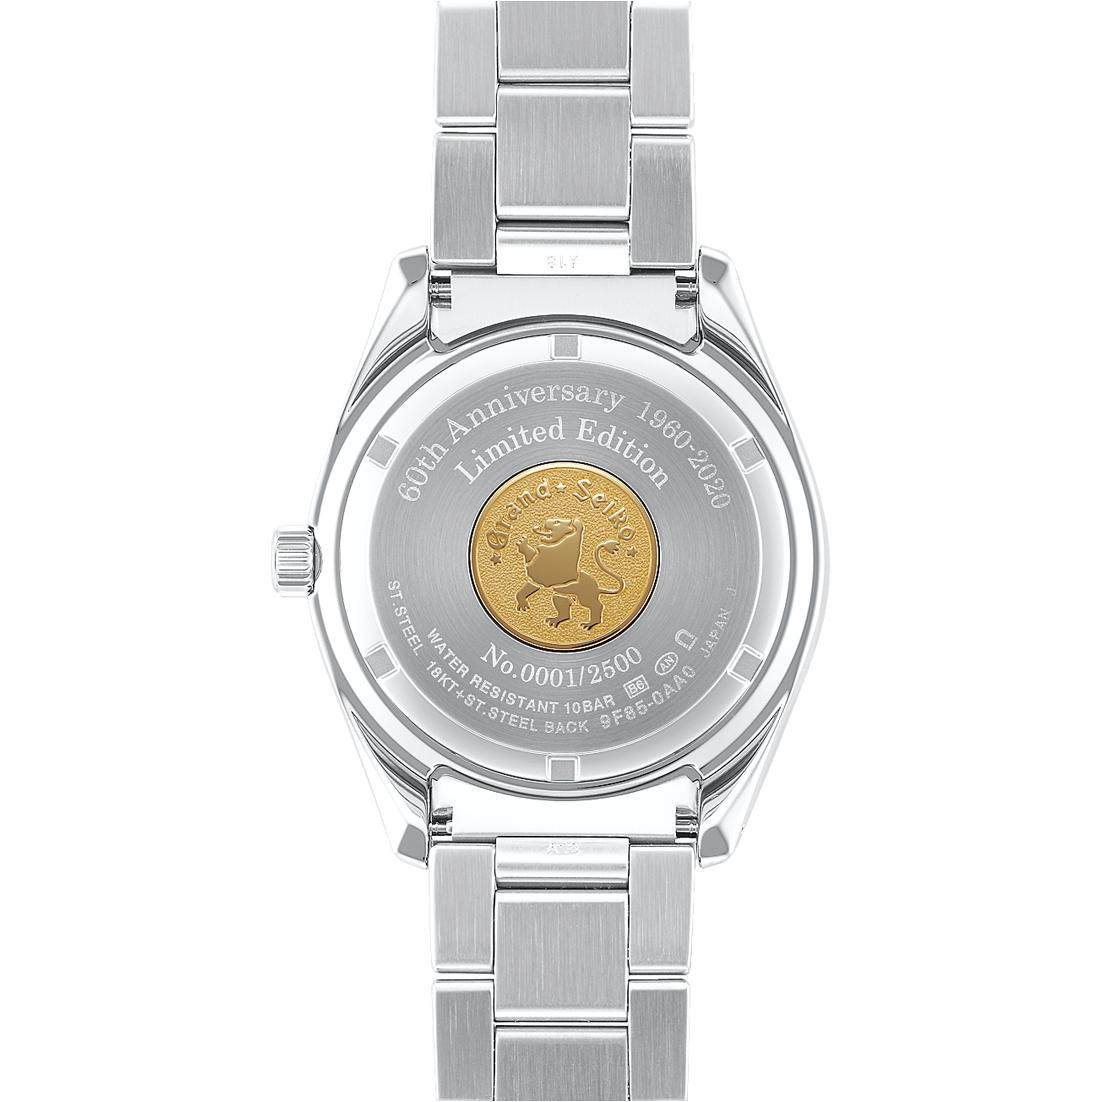 新潟 結婚指輪 婚約指輪 マリッジリング エンゲージリング 結納 結納返し 婚約記念品 婚約 プロポーズ 時計 腕時計 グランドセイコー